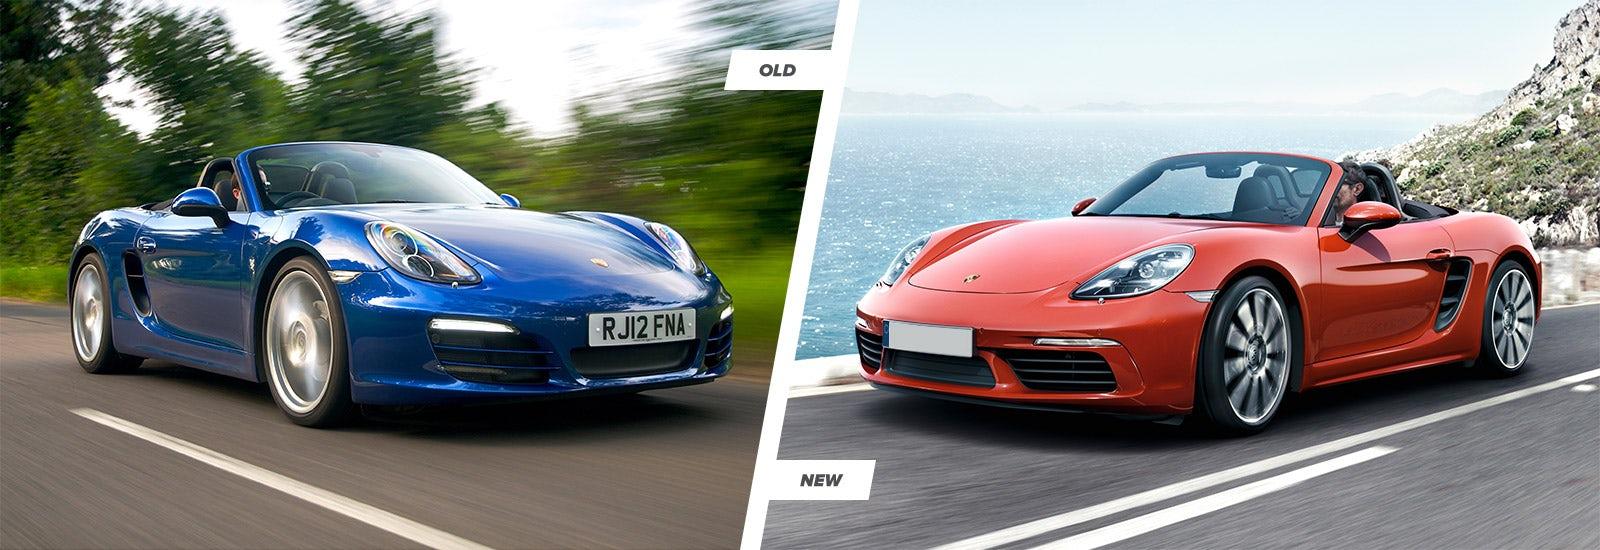 Porsche 718 Boxster Old Vs New Comparison Carwow